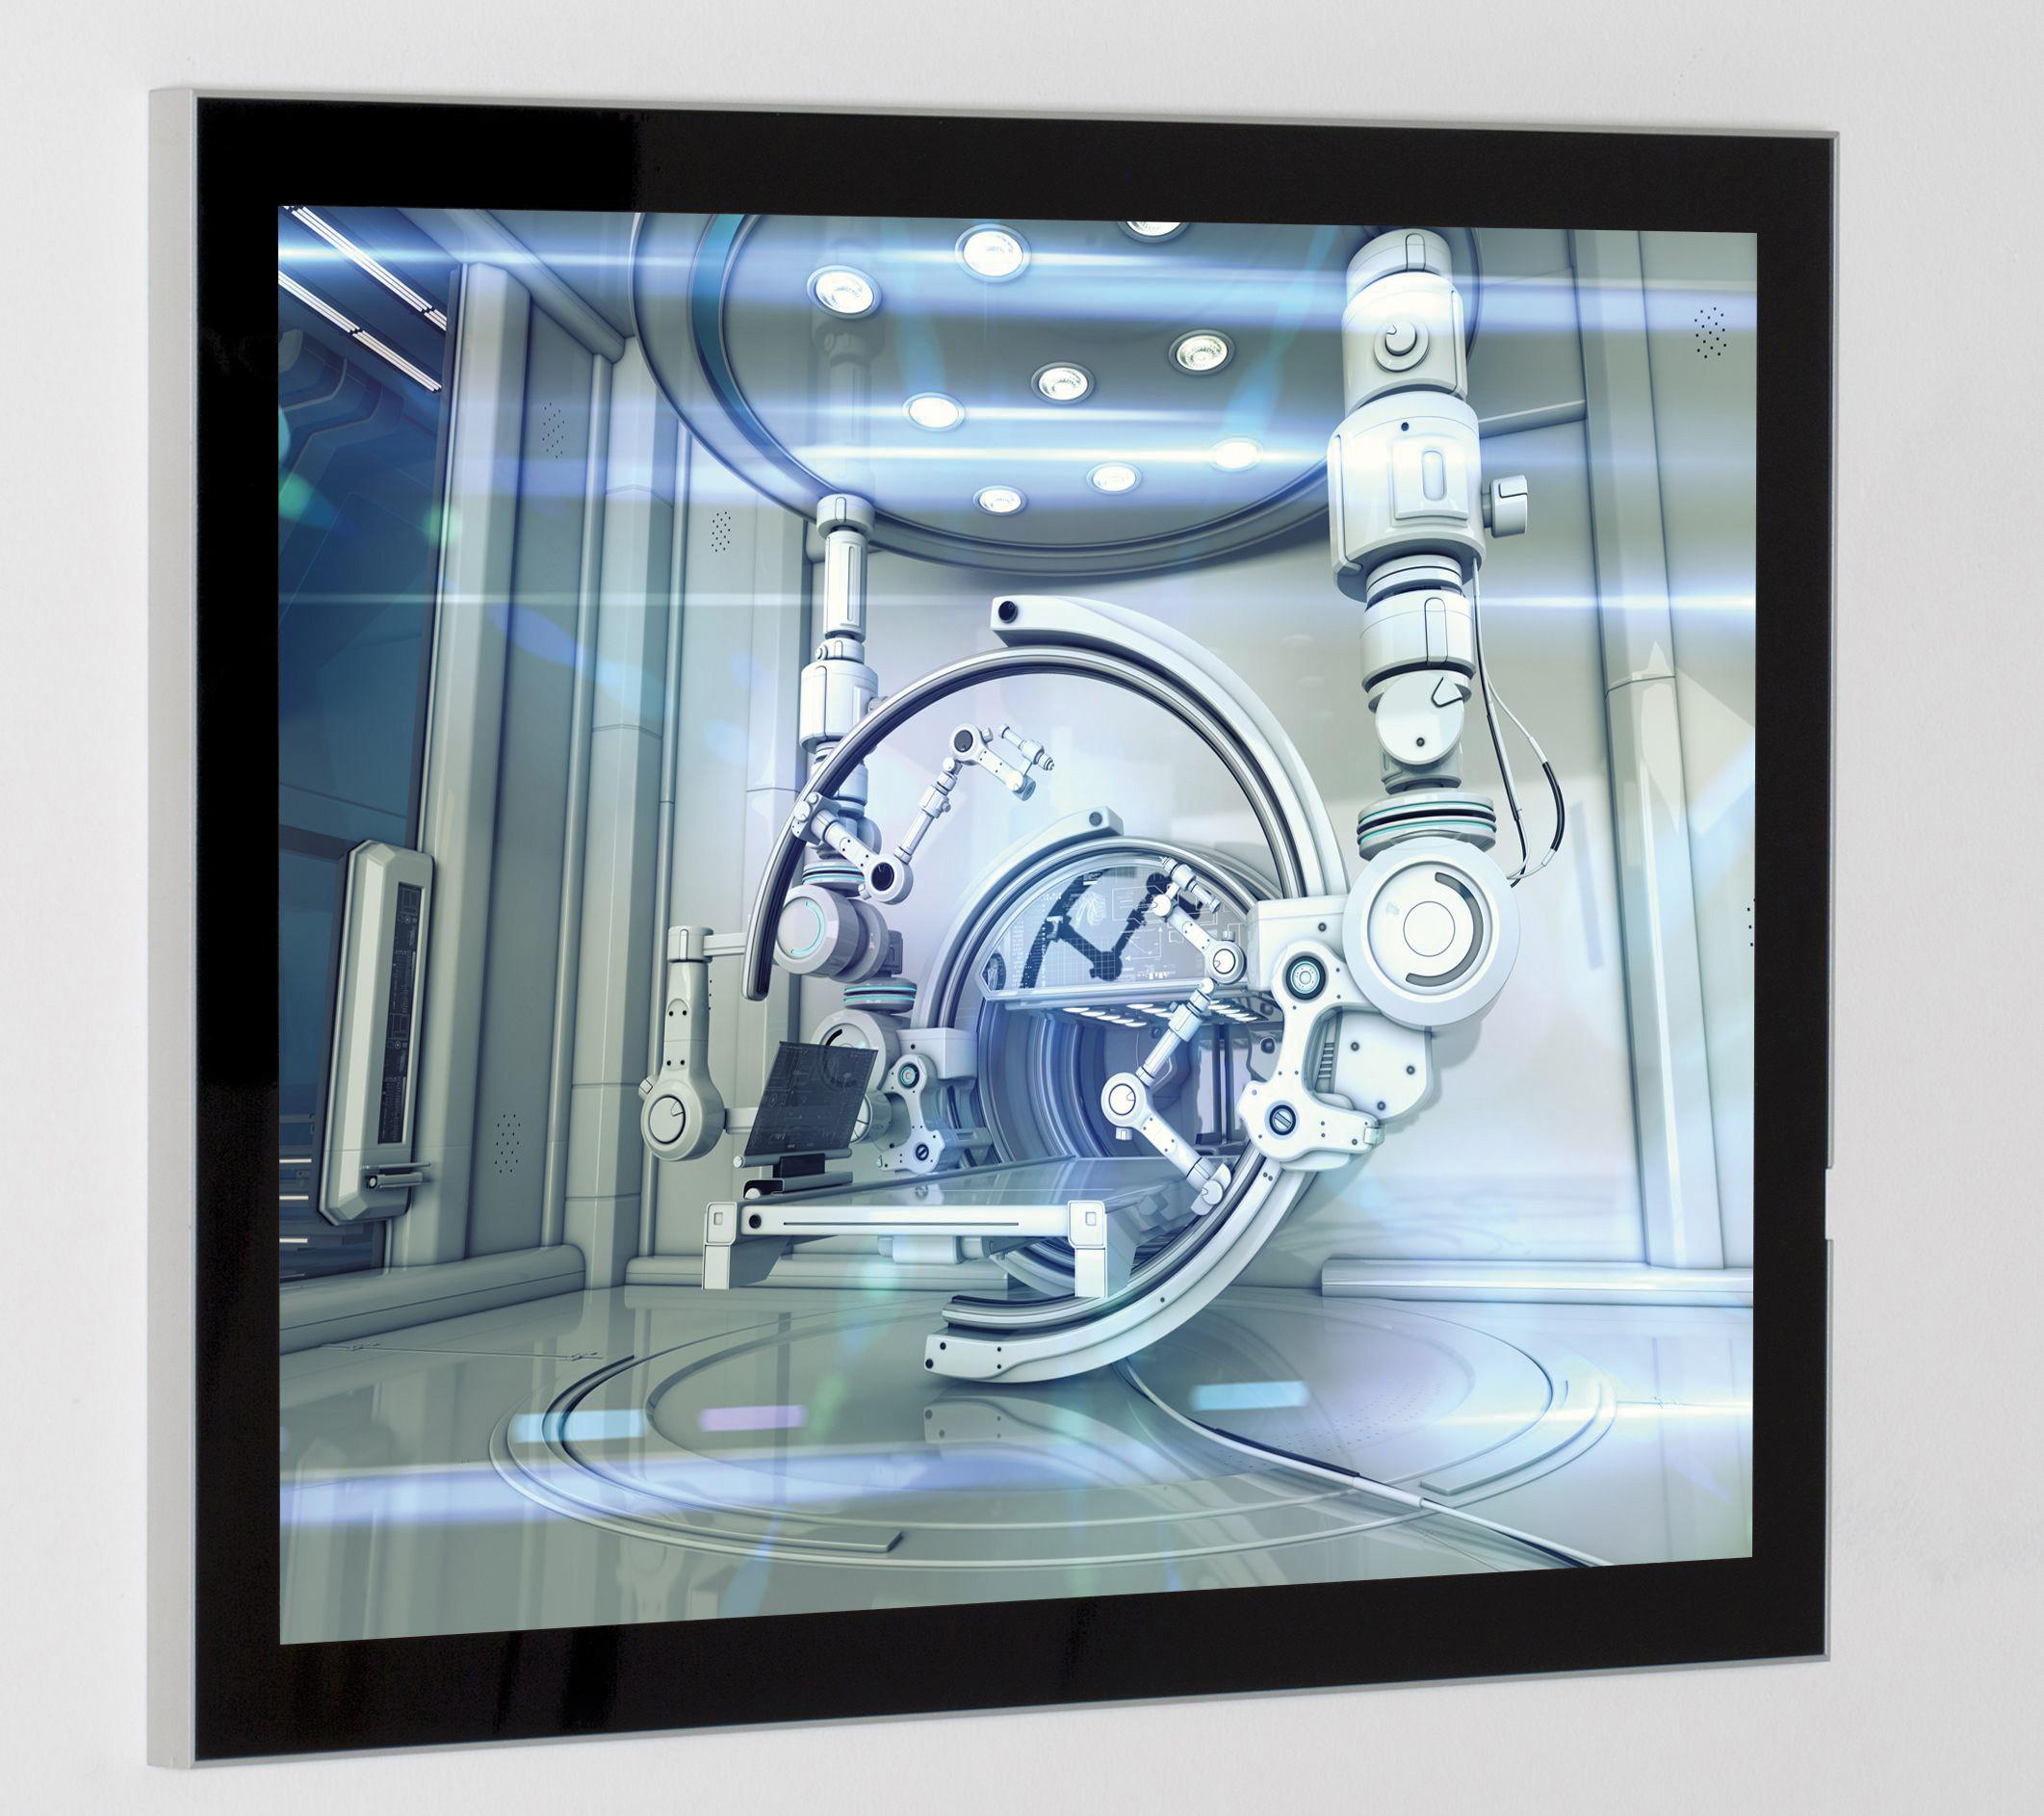 Magnet Posterrahmen silber, einseitig, 12 mm, Gehrung, 700 x 1000 mm, Passepartout RAL 9005 schwarz